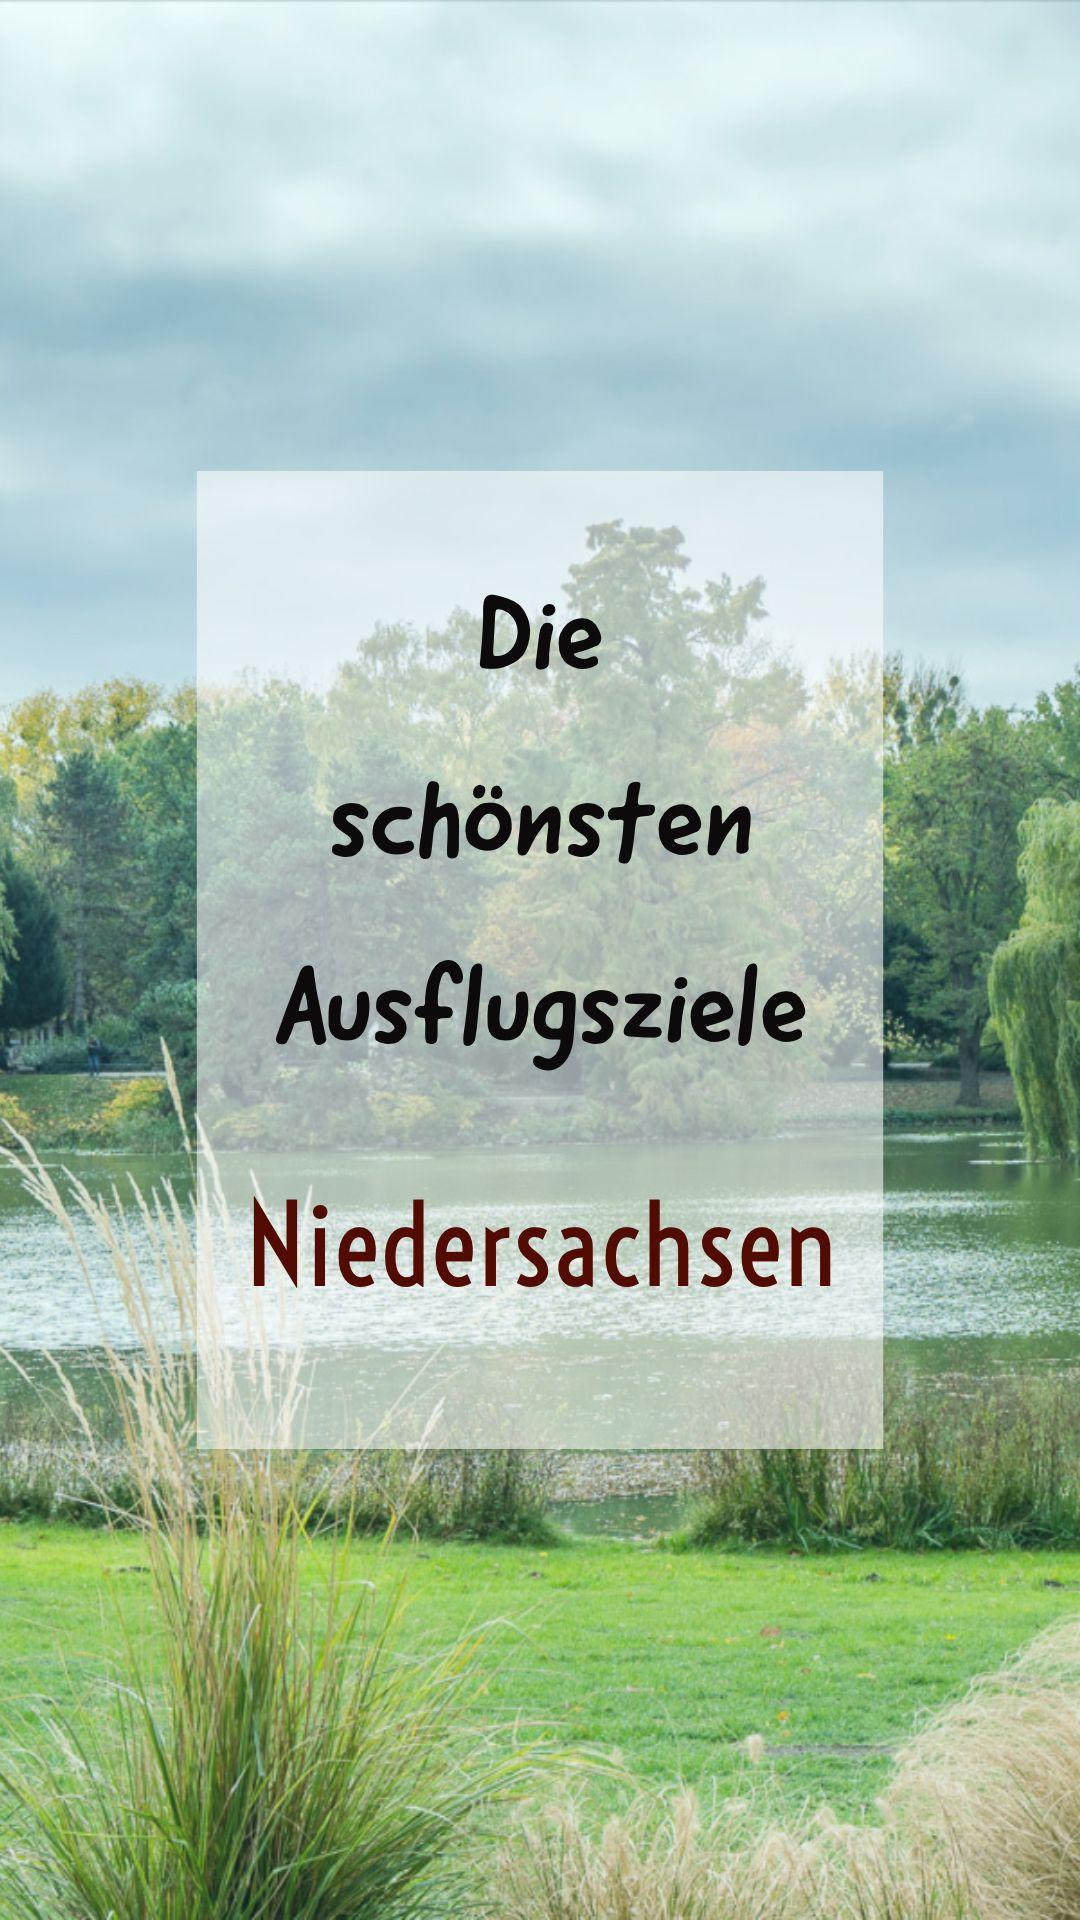 Die schönsten Ausflugsziele in Niedersachsen